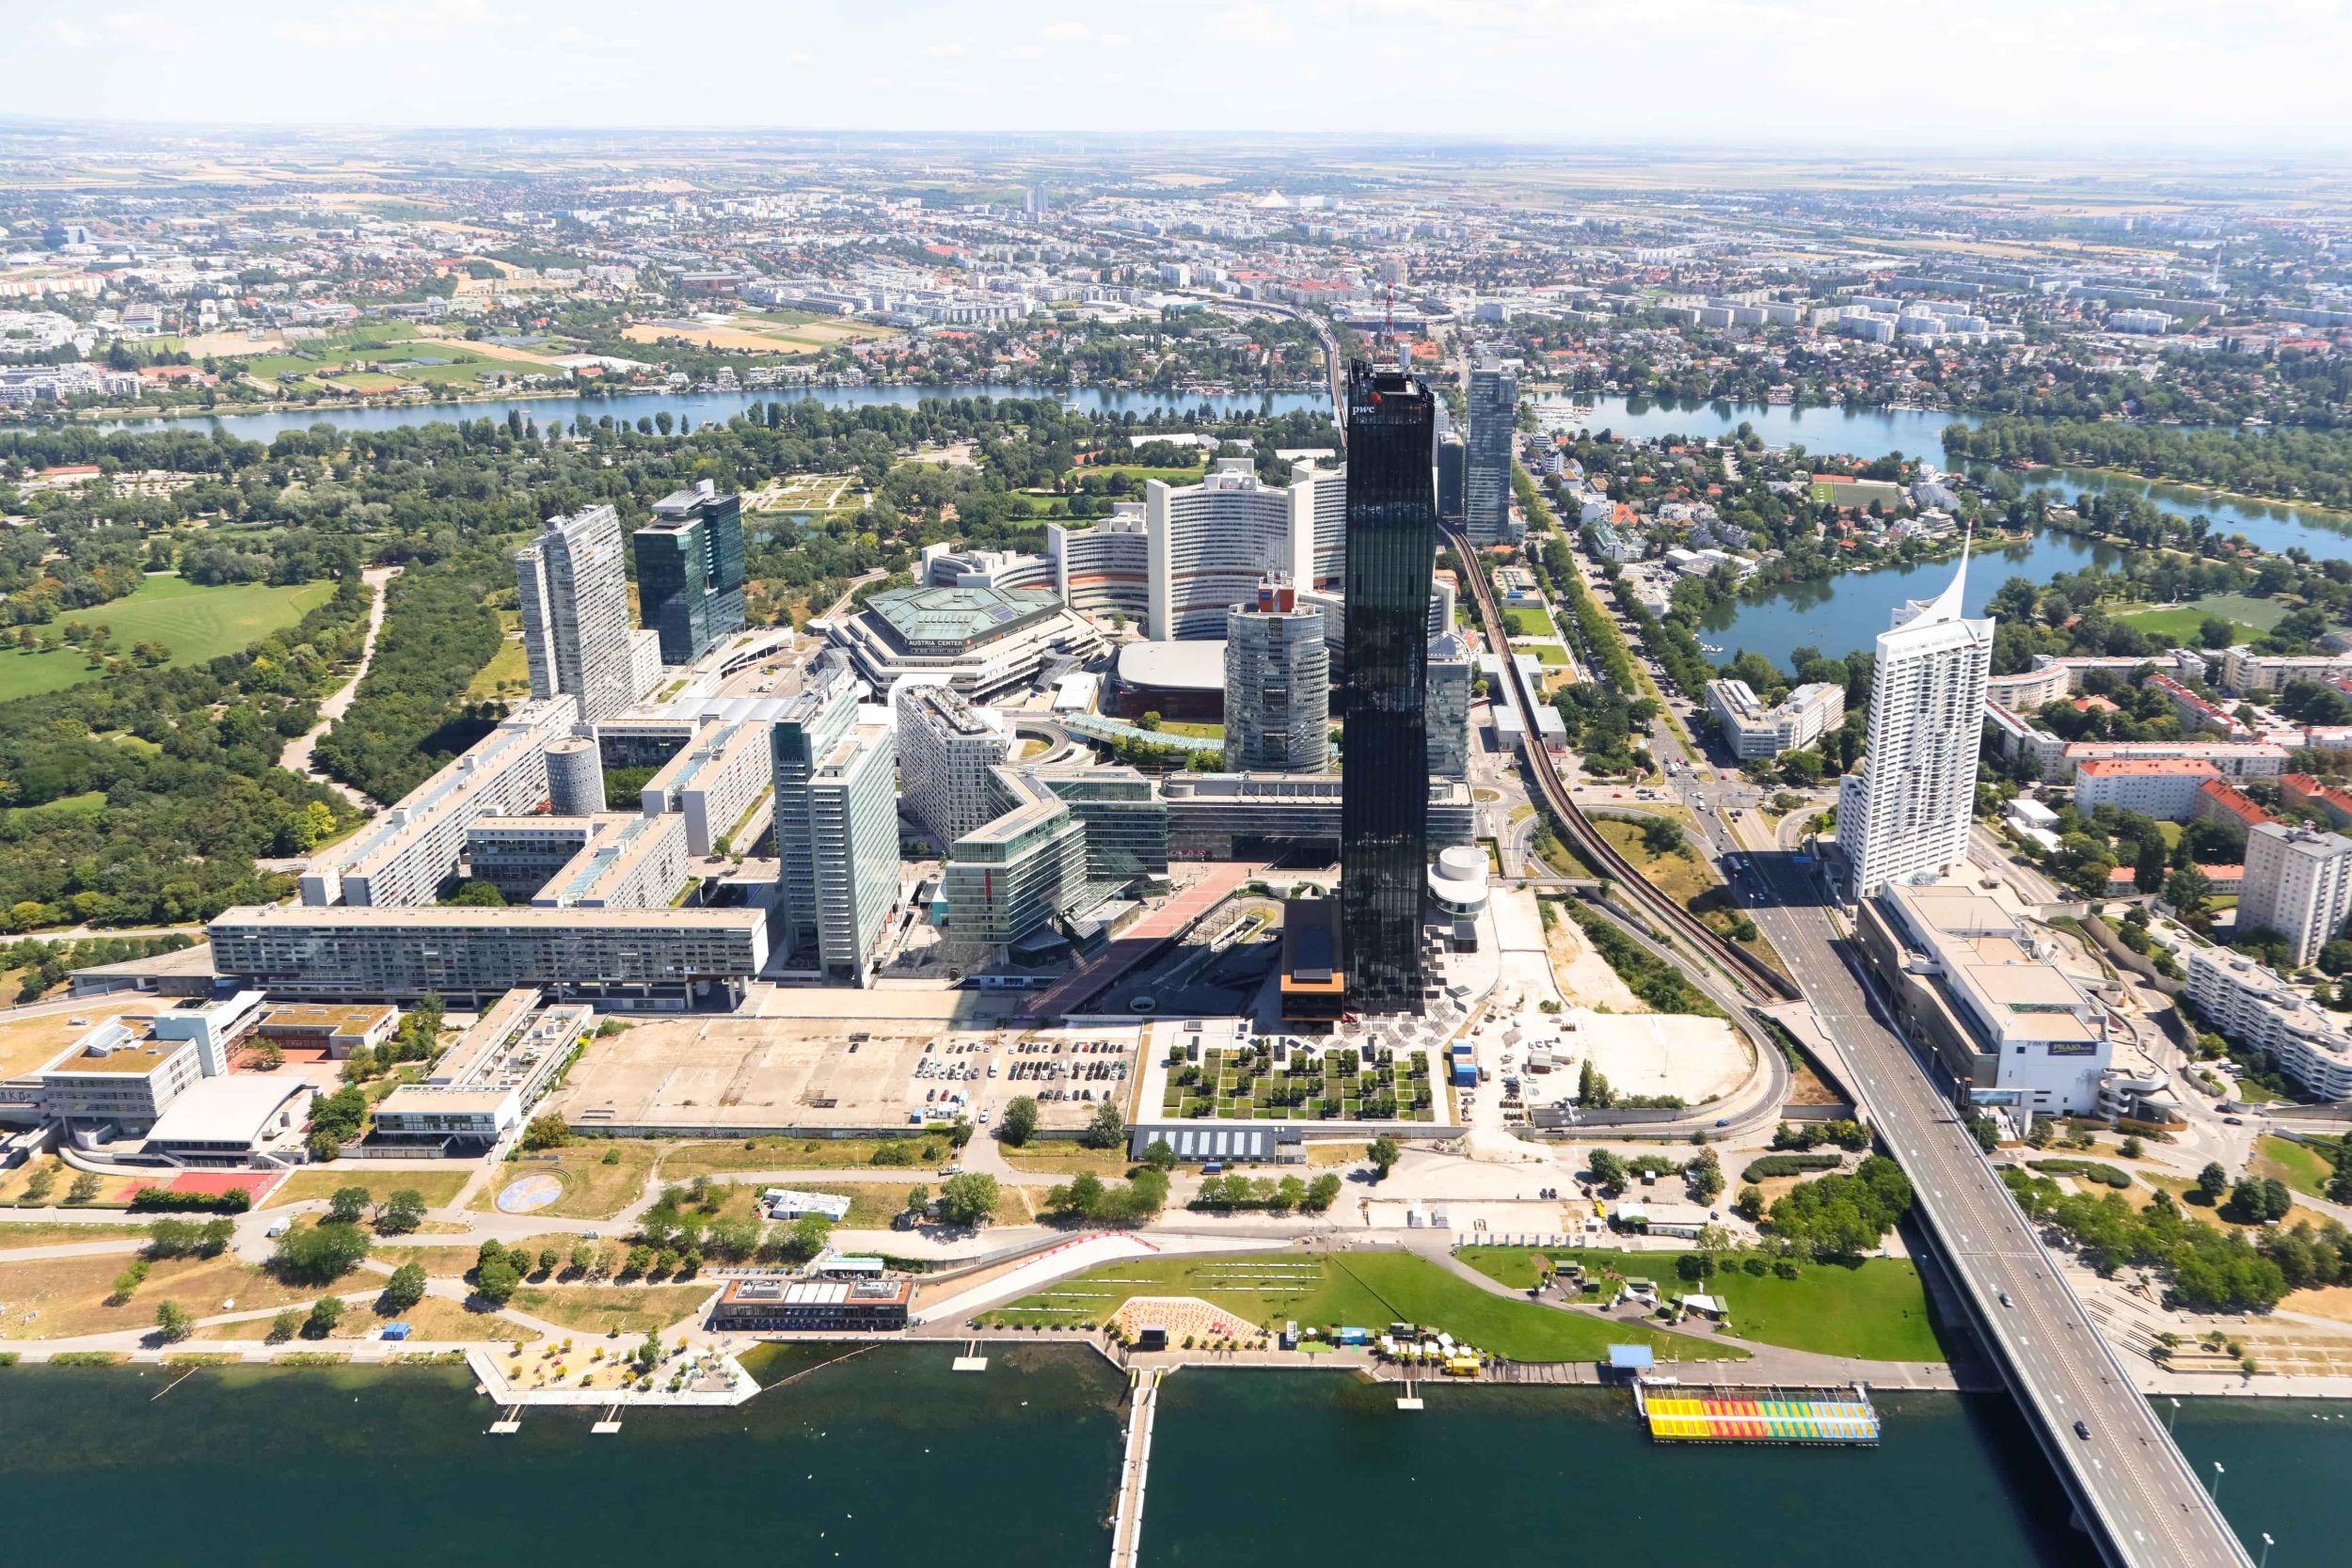 Donau City von oben: im Vordergrund der DC Tower, dahinter UNO-City und Austria Center und die anderen Hochhäuser auf der Donauplatte